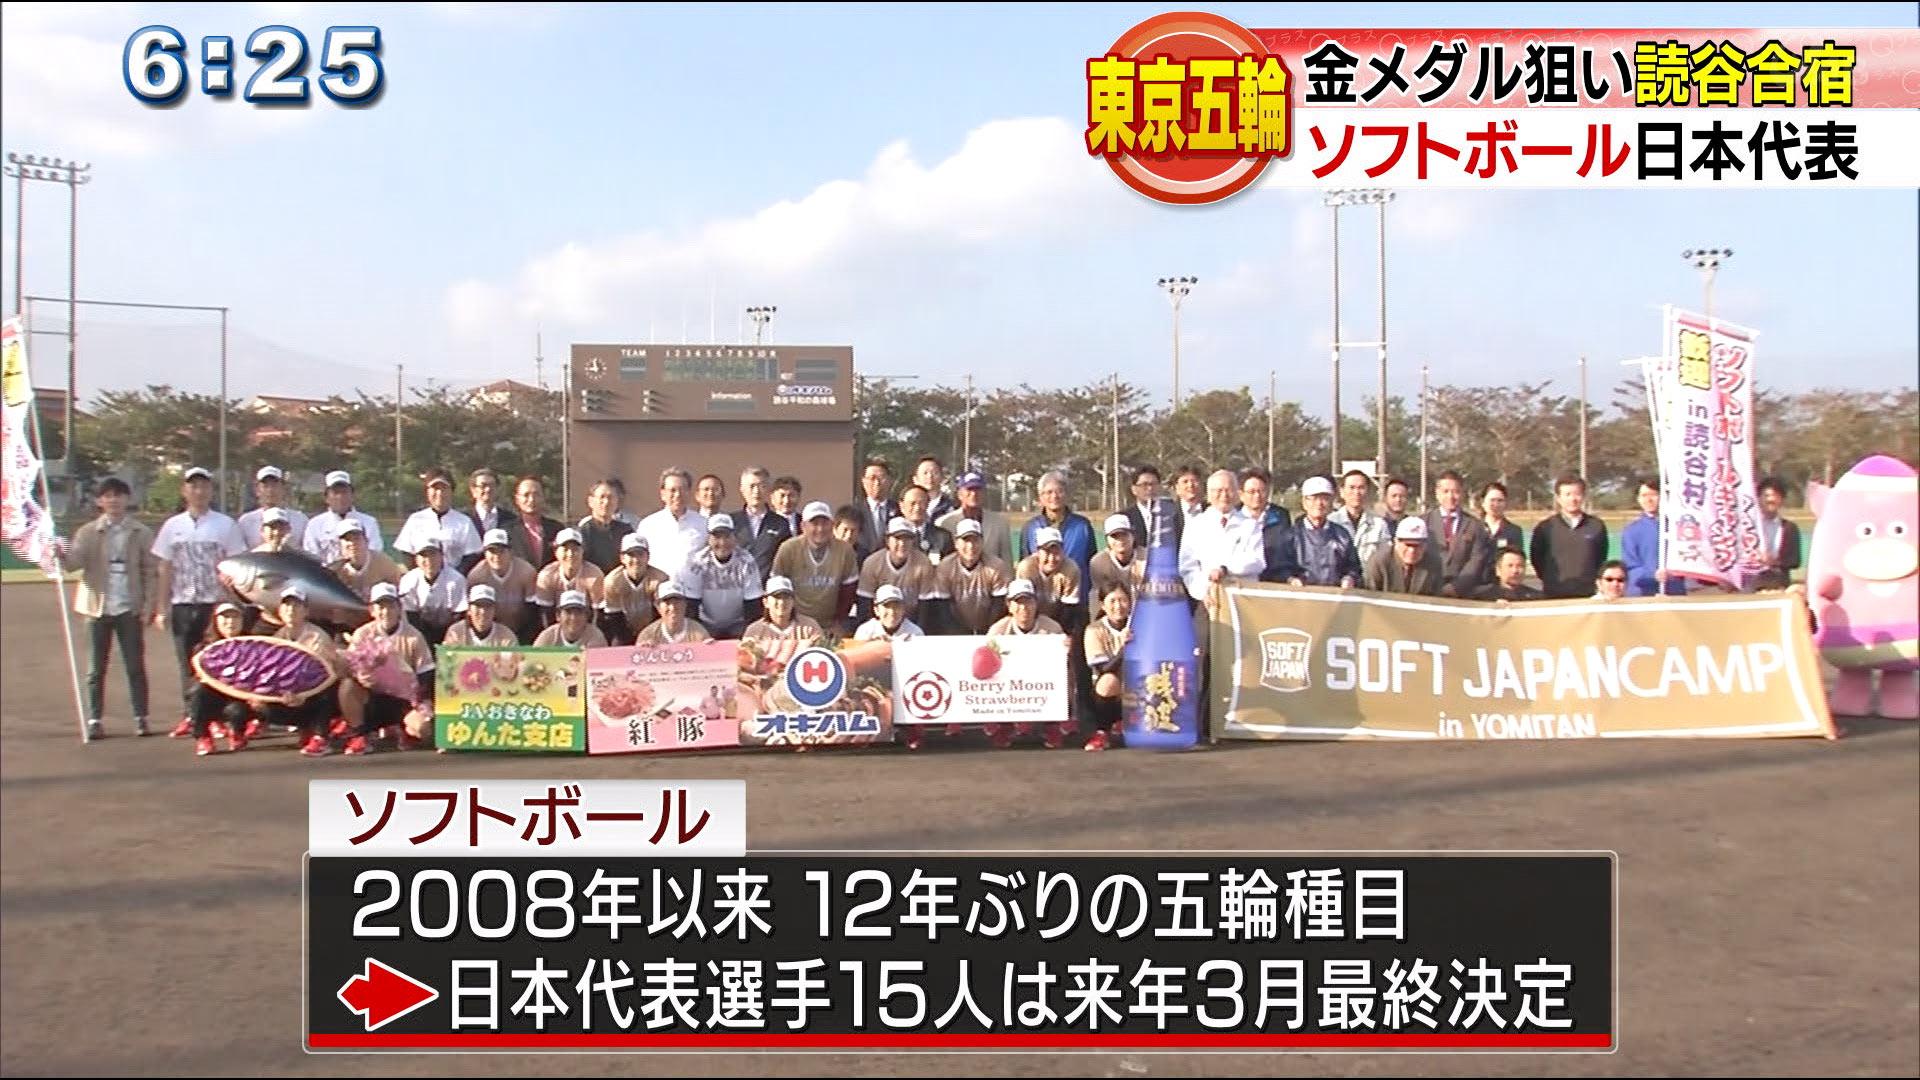 県勢では国際大会で活躍する洲鎌夏子選手が合宿に参加していて代表入りを目指します。